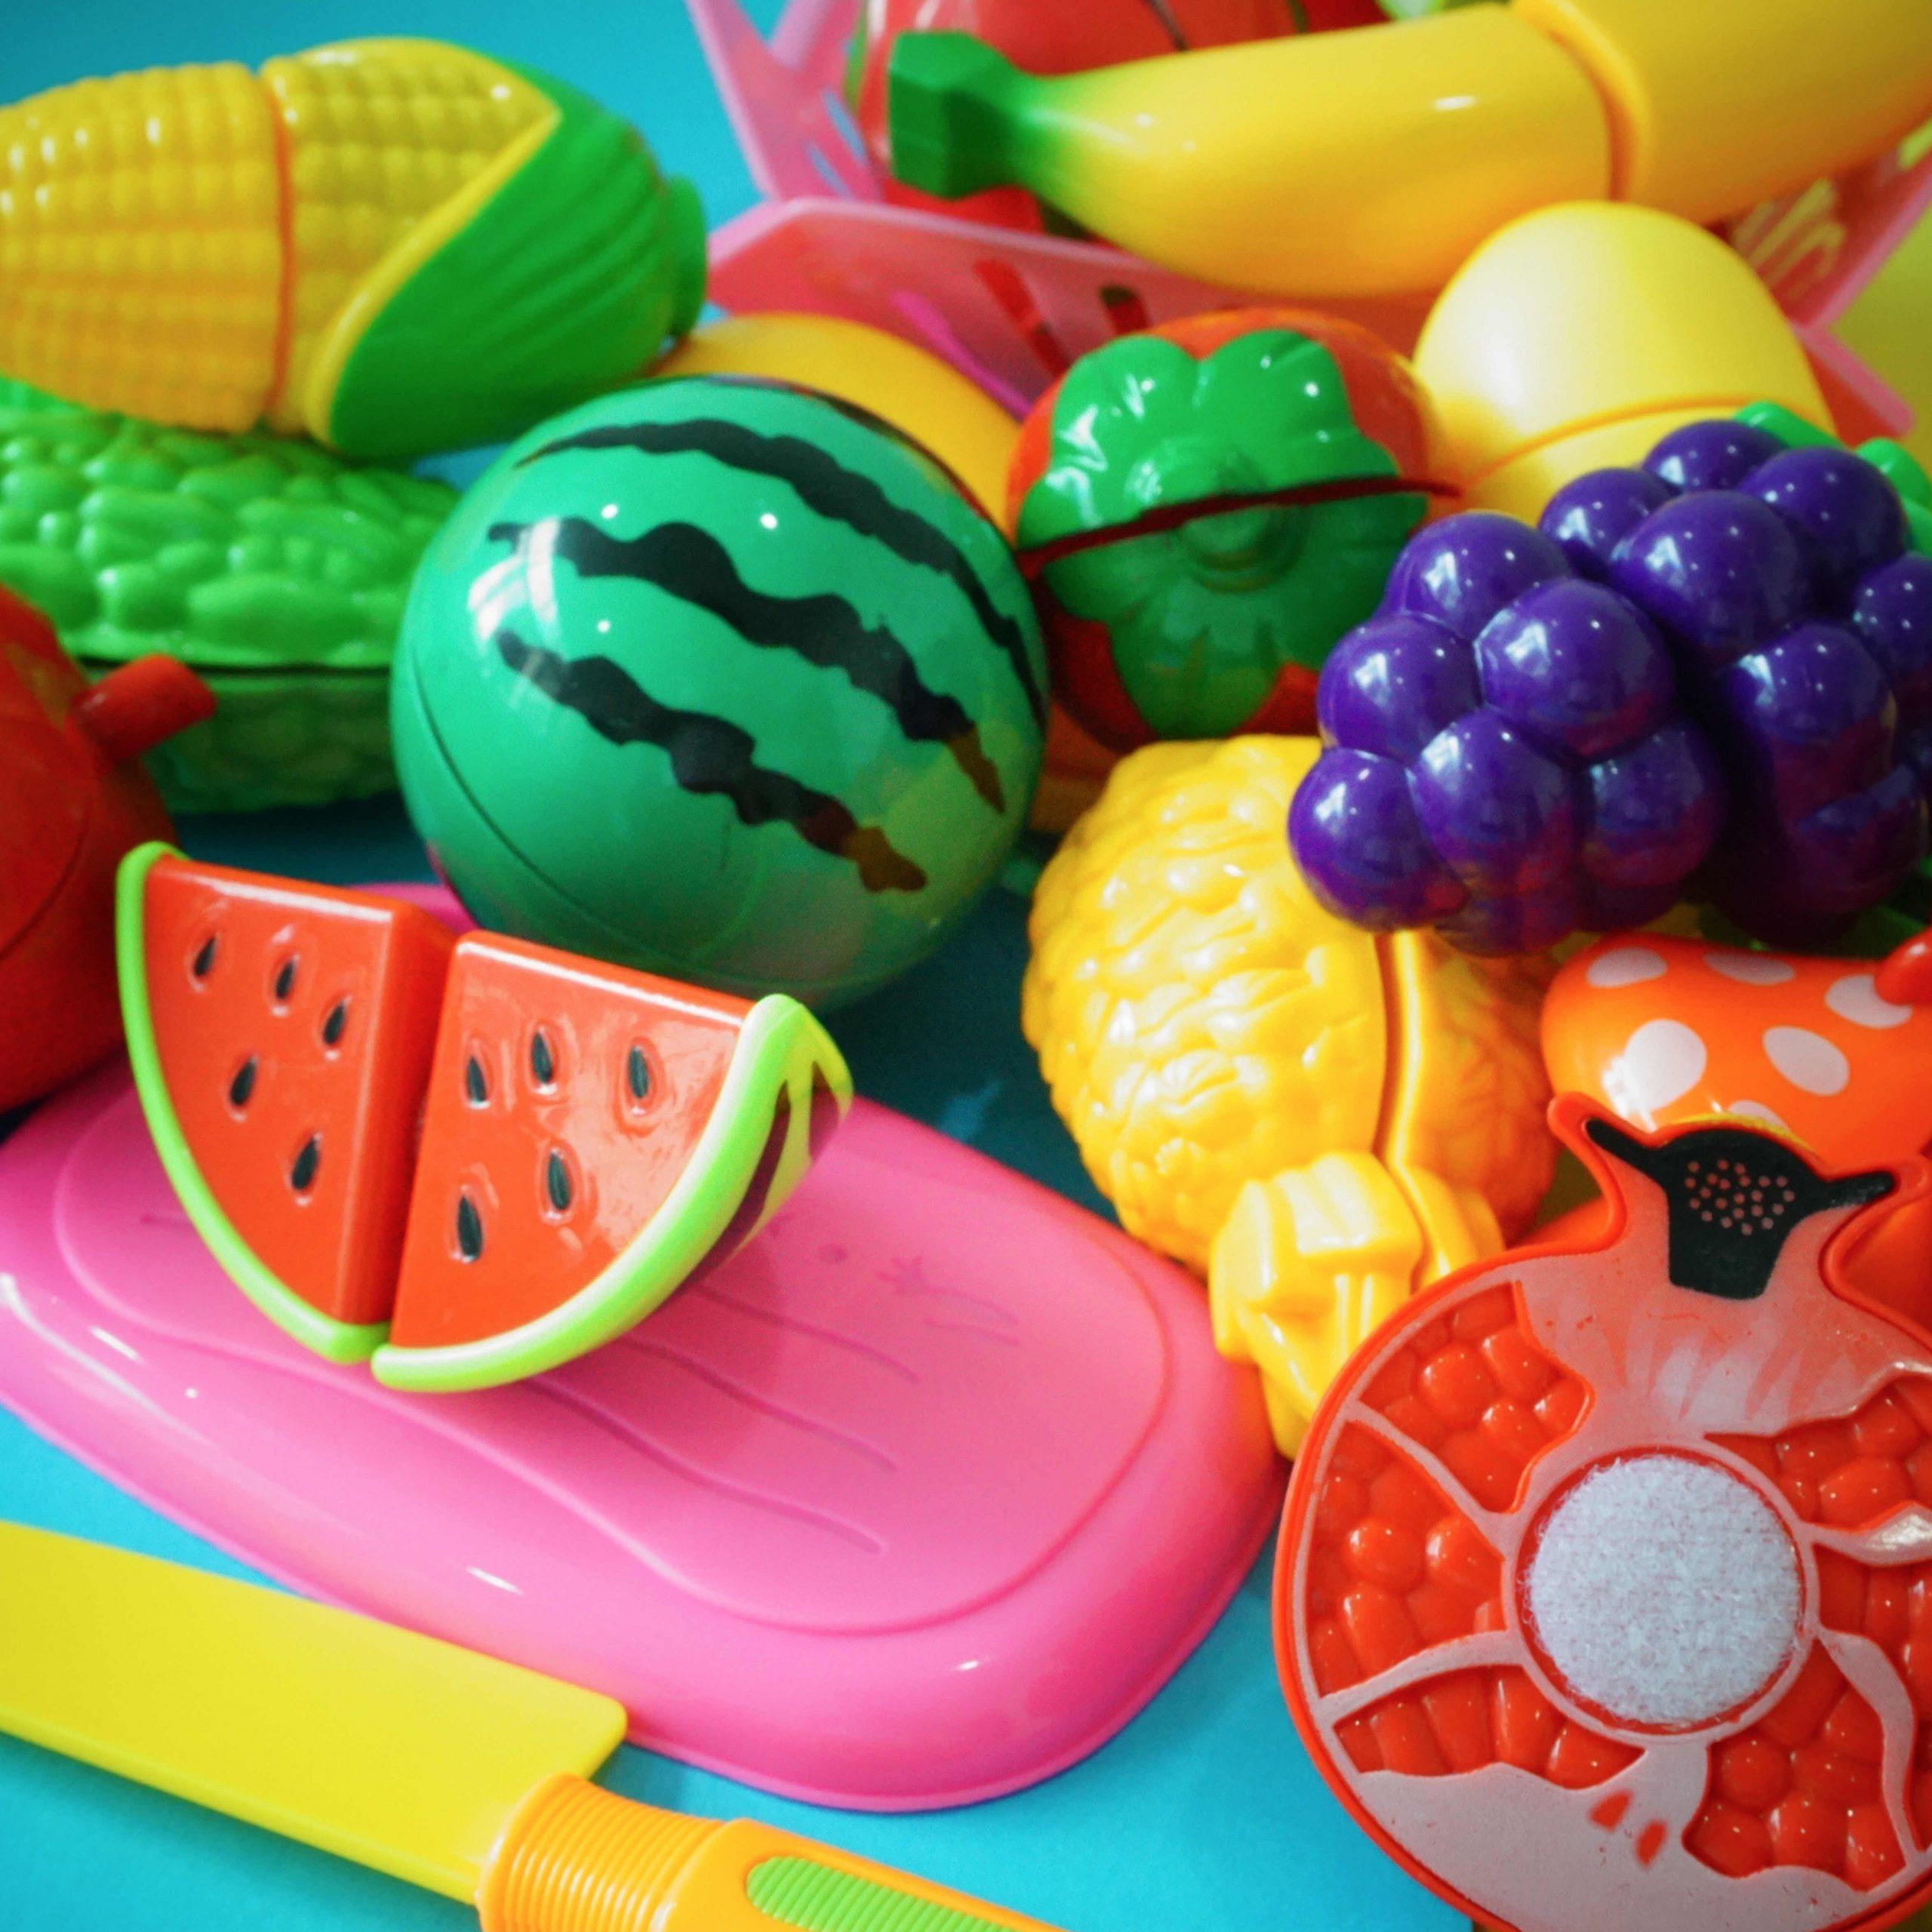 Combinaison Gratuite Jouets Fruits Légumes Nourriture Miniature Cuisine  Ensembles De Coupe Réutilisable Semblant Cuisine Jeu De Rôle Jouets Enfants serapportantà Jeux De Fruit Et Legume Coupé